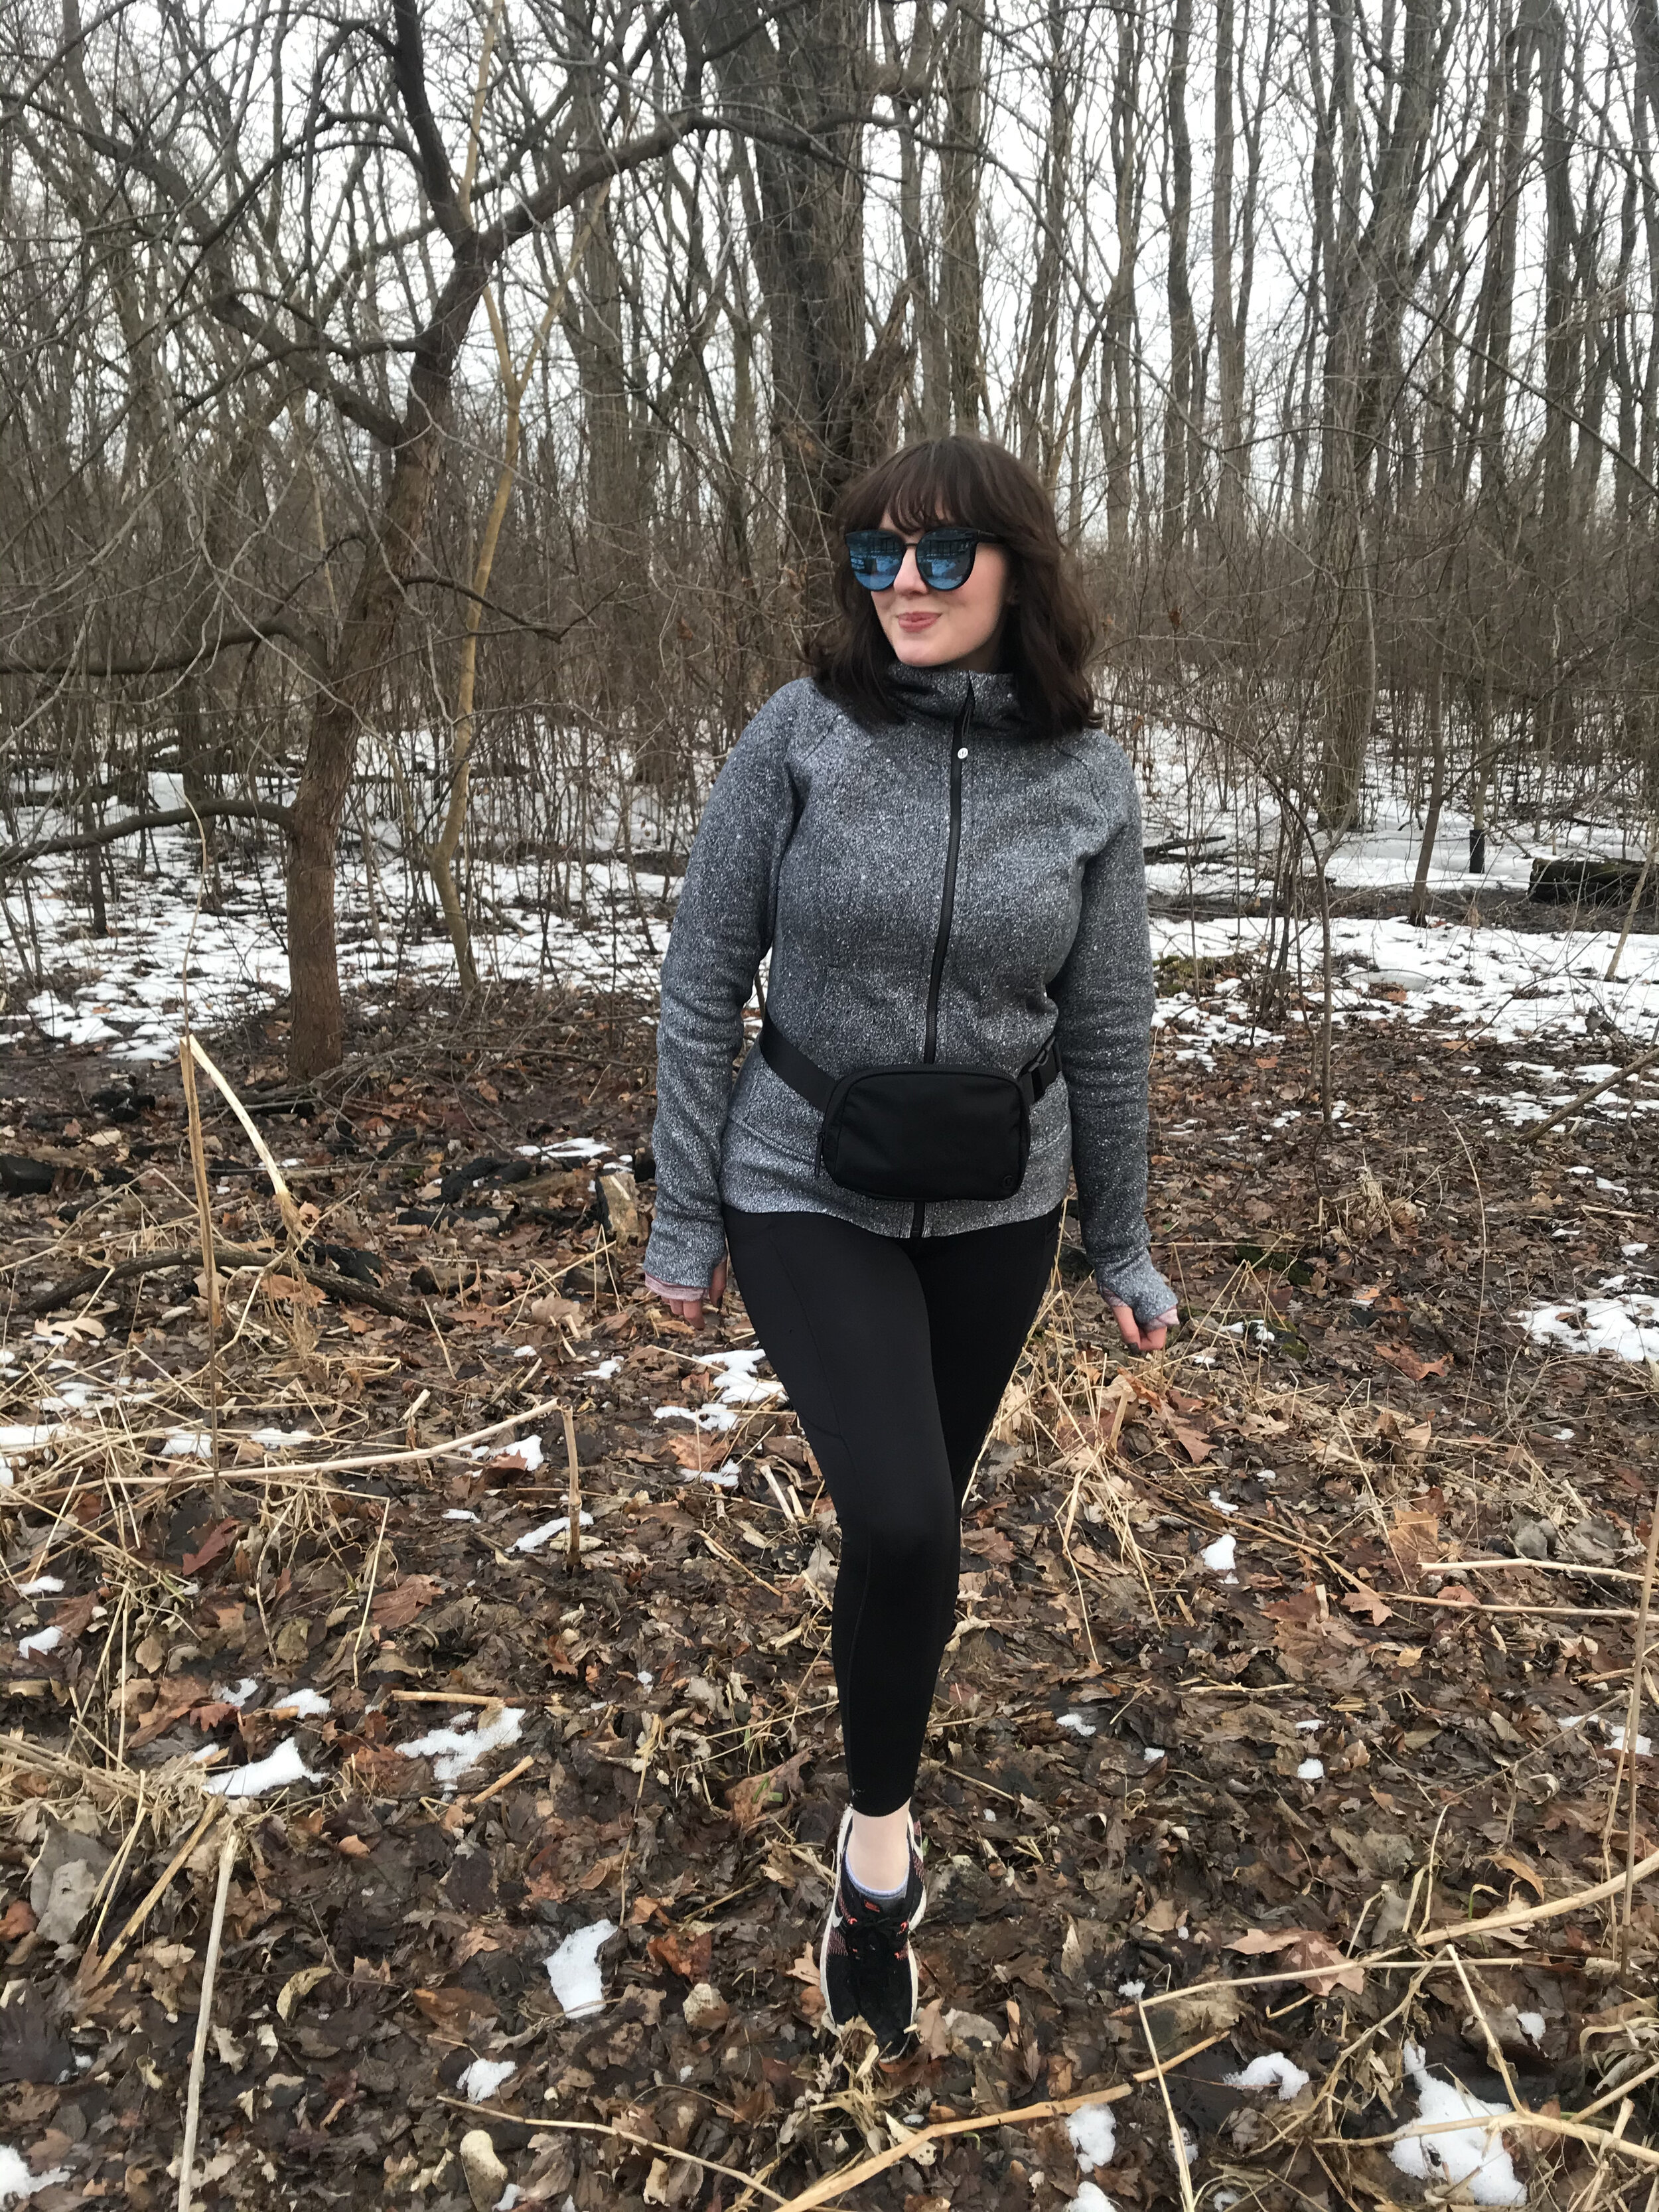 Macaila Britton Chiacgoland Walking Paths